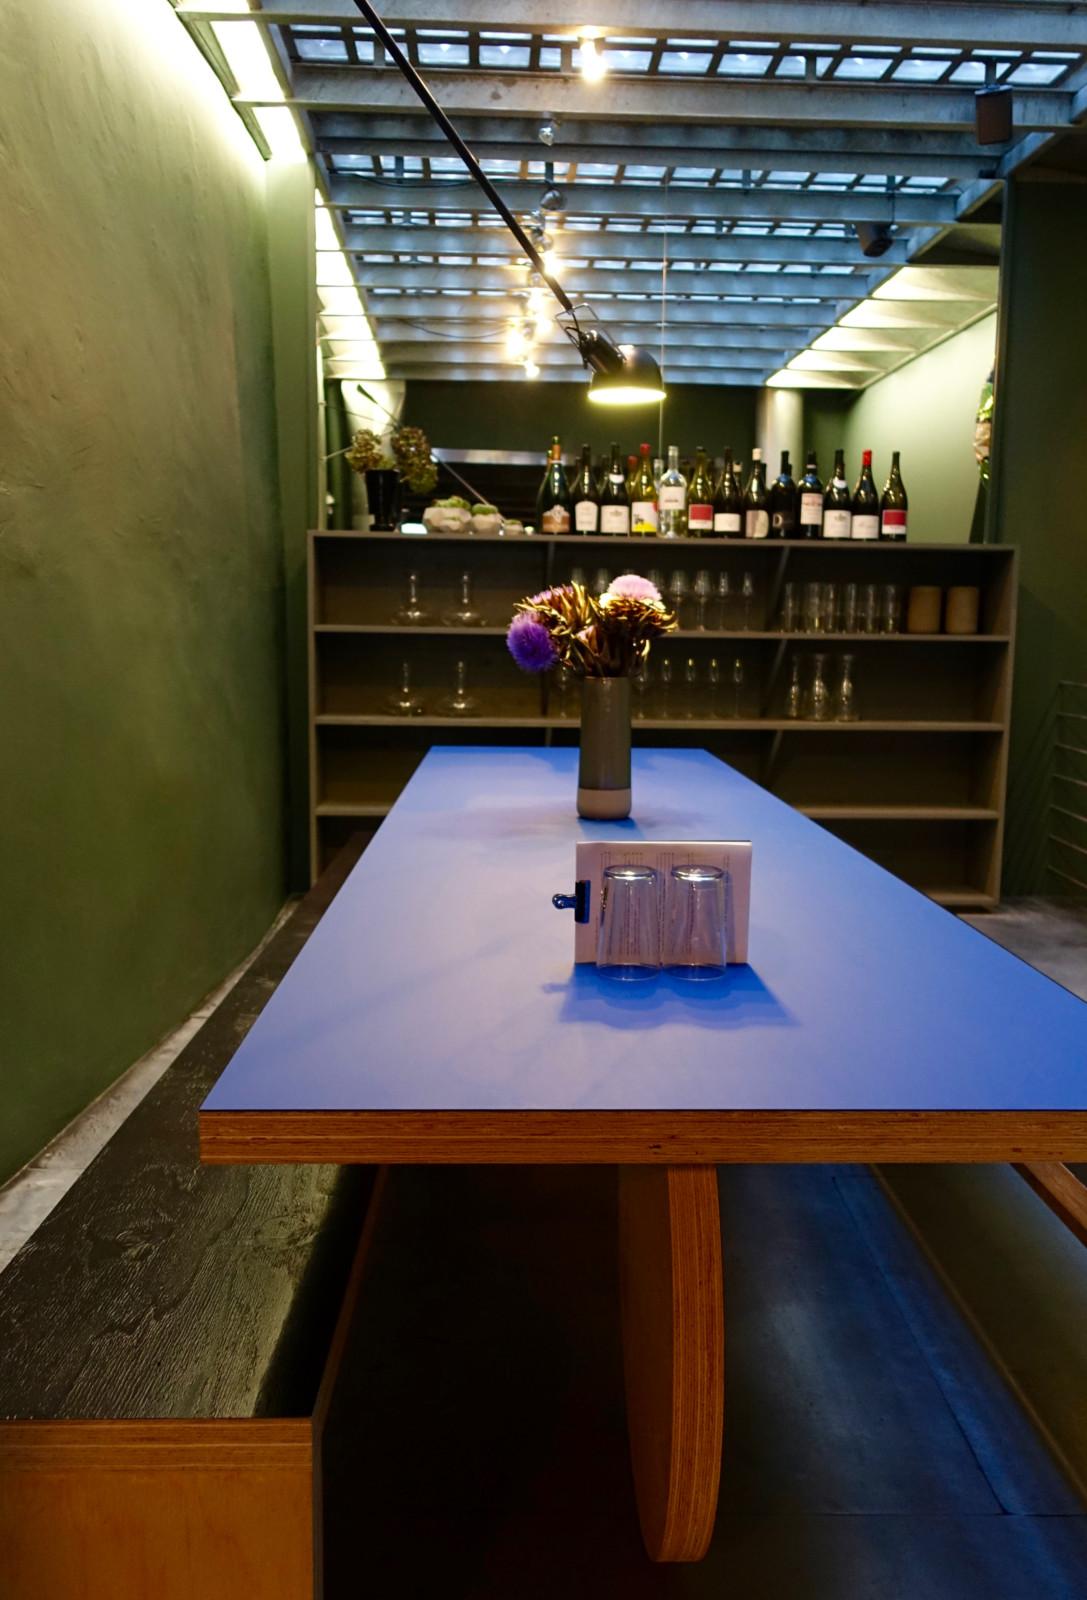 Die lange blaue Tafel im hinteren Teil des Wein-Punkts.